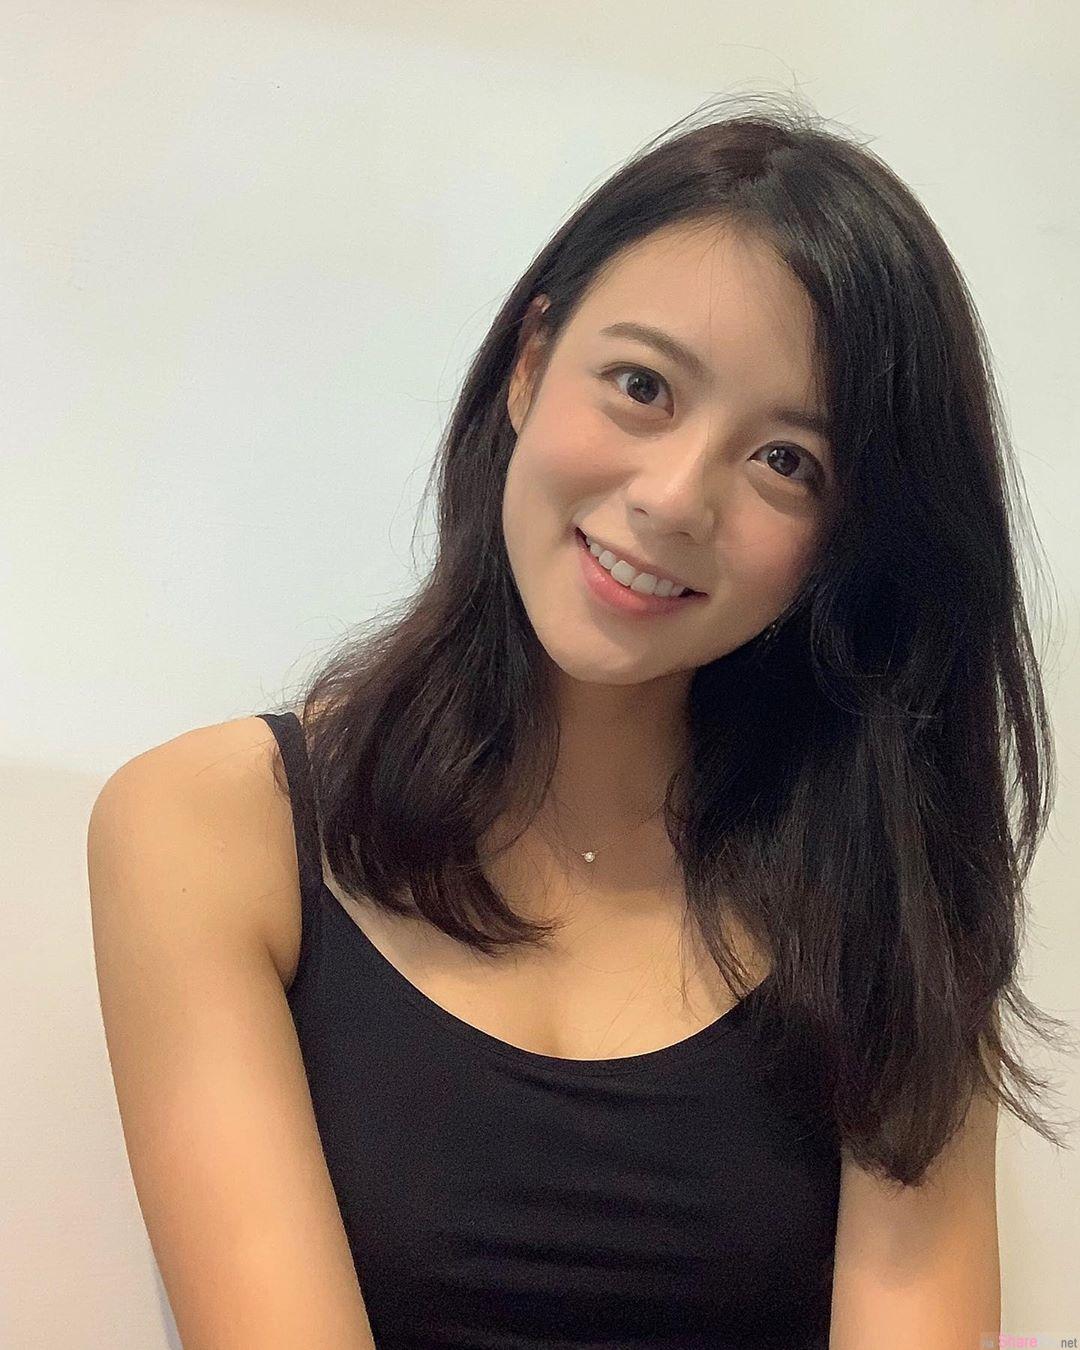 台湾正妹Aileen Lin,甜美气质